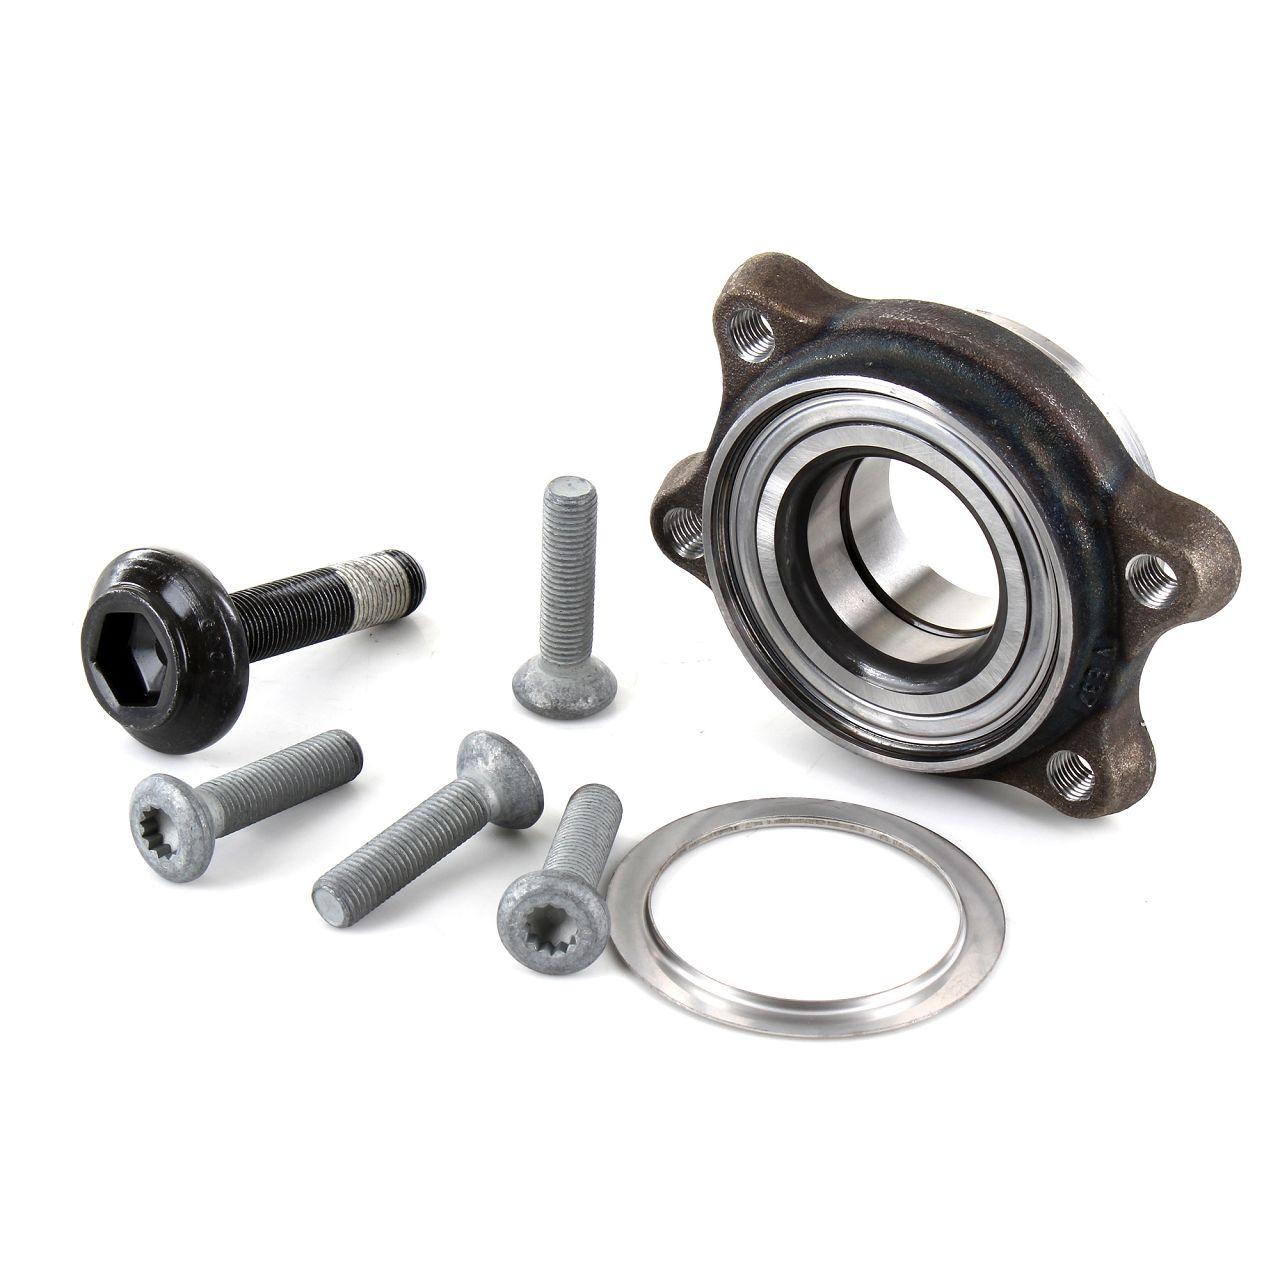 2x SKF Radnabe Radlagersatz für AUDI A6 C6 A8 4E R8 VW PHAETON vorne / hinten